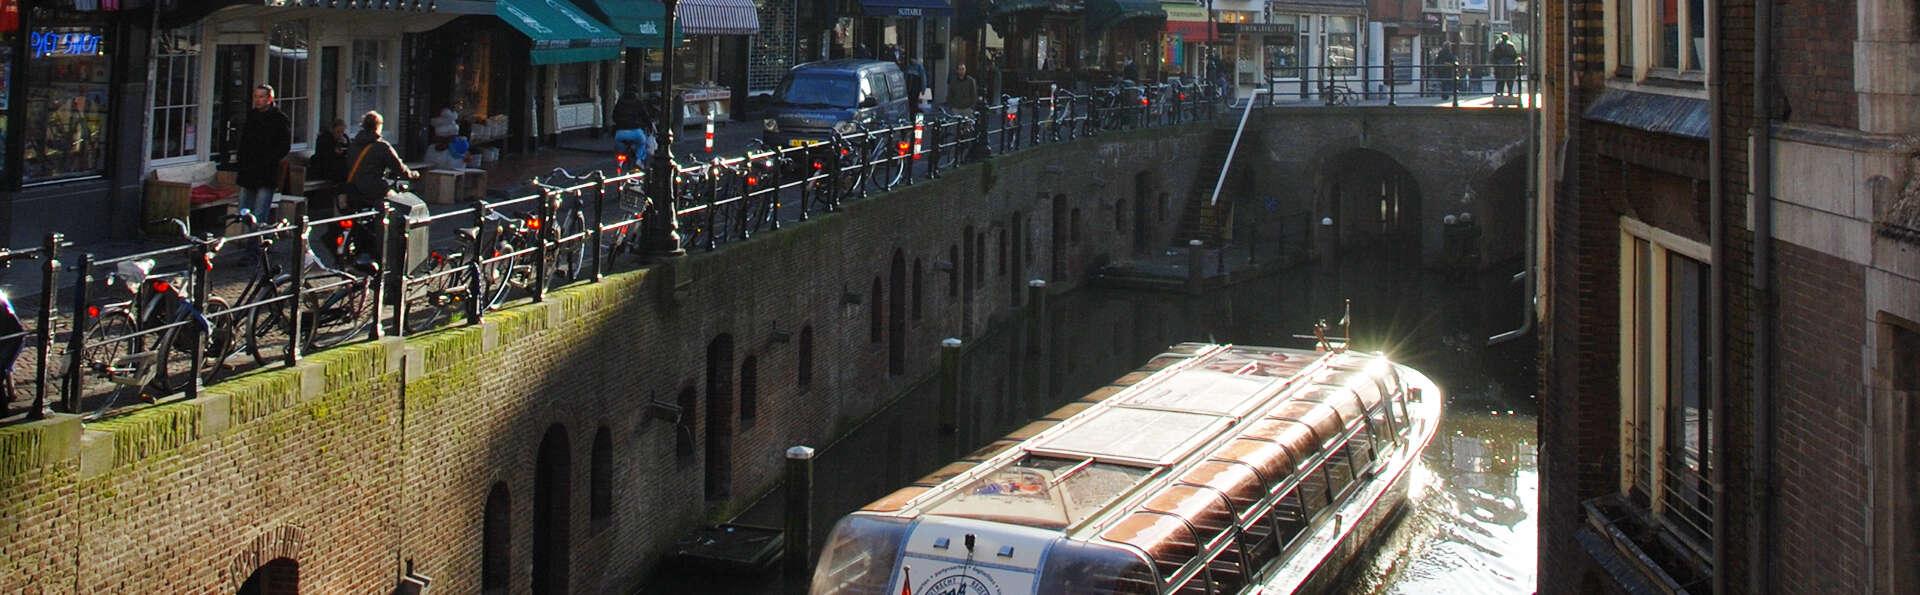 Croisière sur le canal d'Utrecht et demi-pension entre ville et nature (2 nuits minimum)